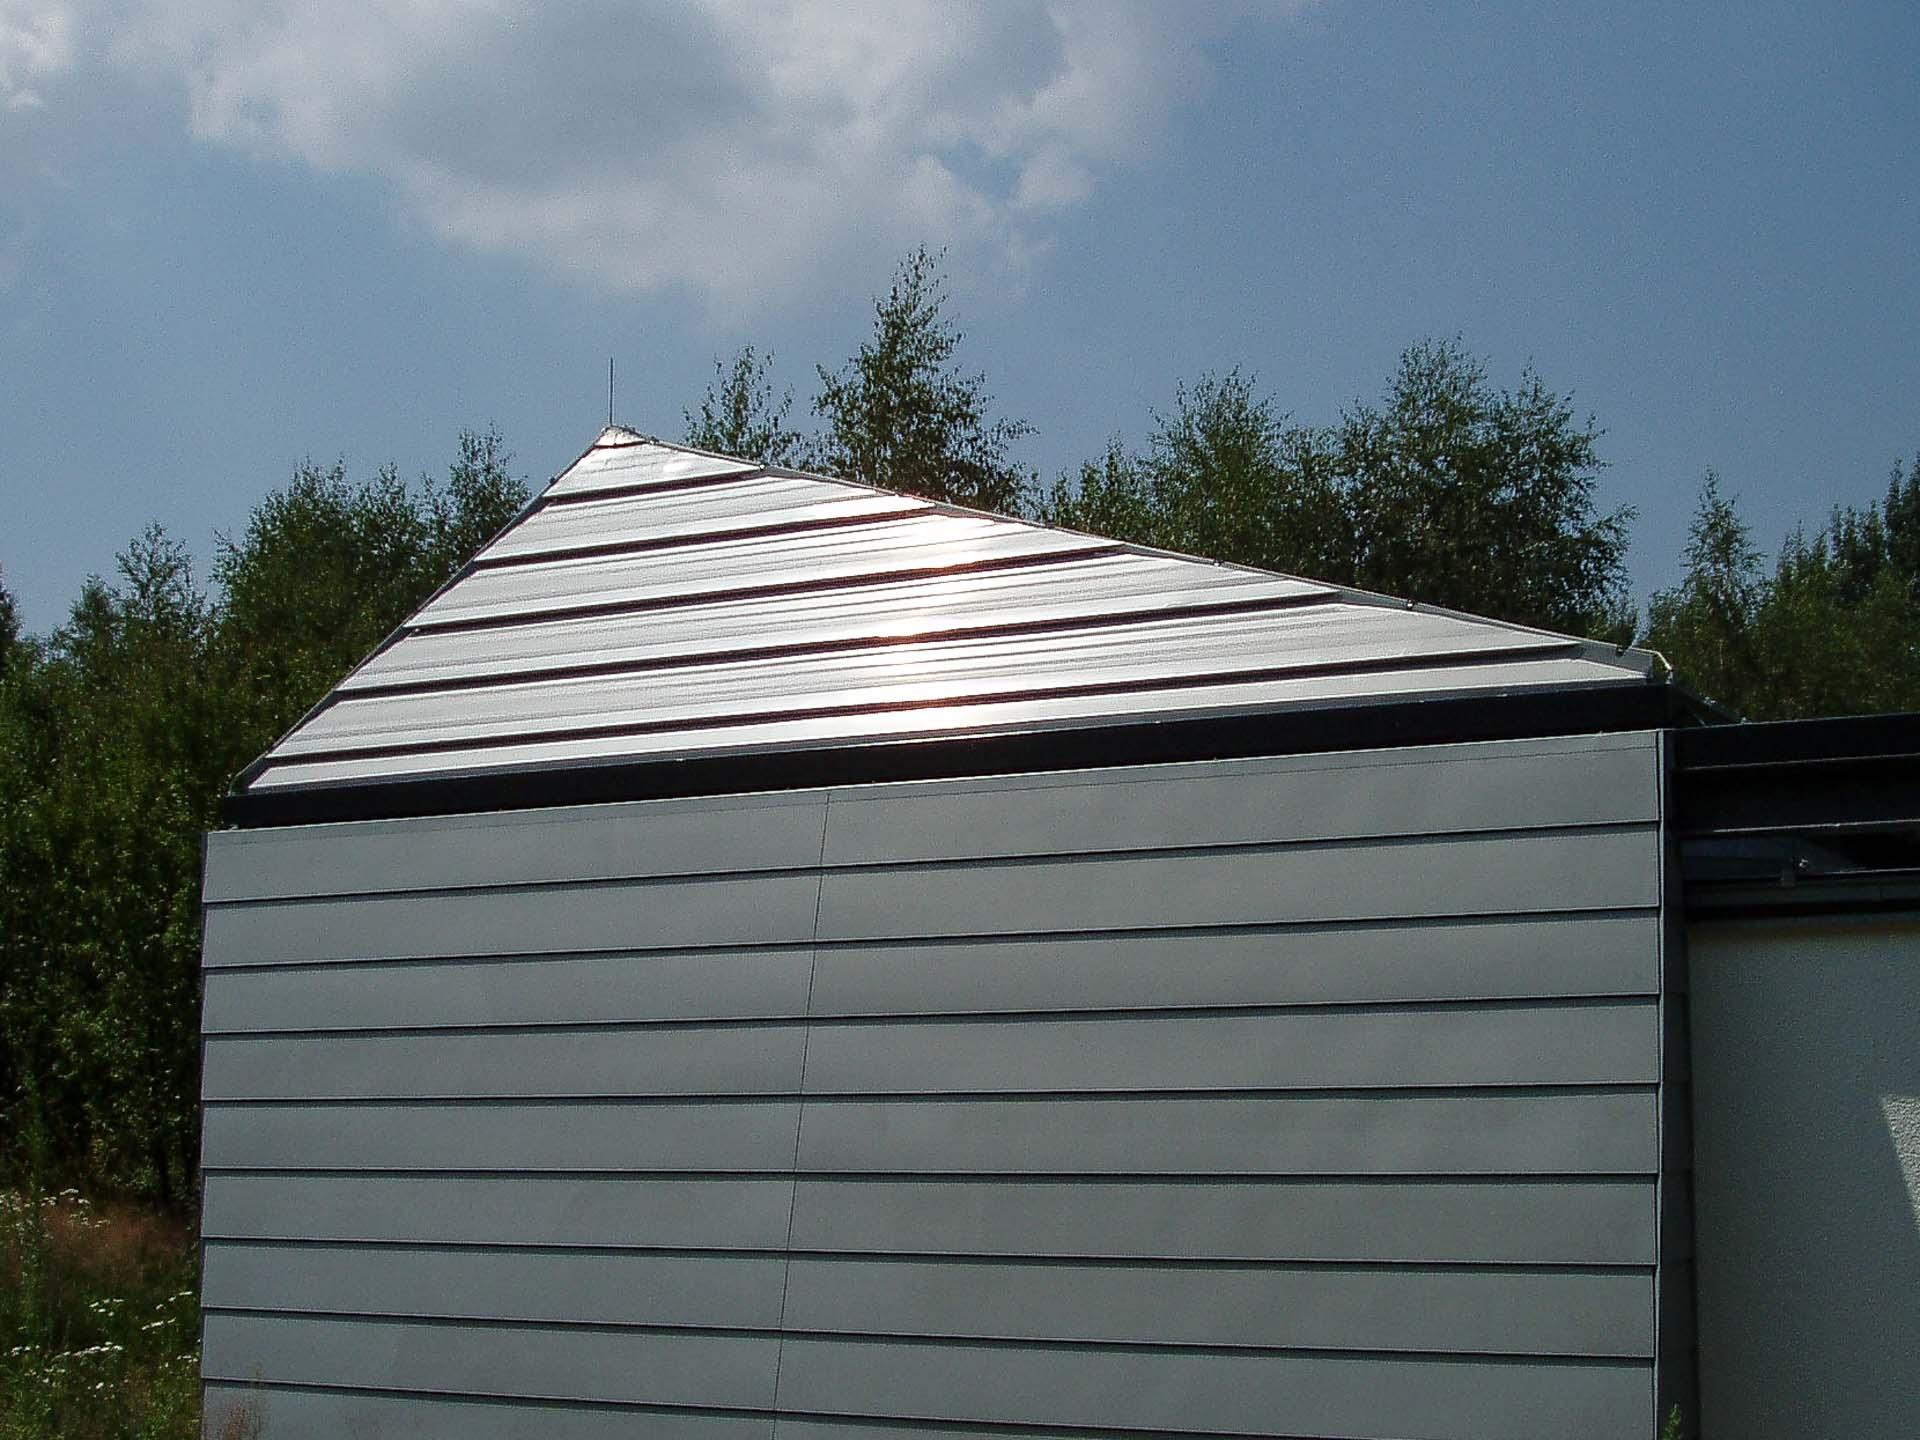 Cabrio-Schiebedach am Observatorium Dresden (Objekt  1114). Cabrio-Schiebedach in asymetrischer Pyramidenform.